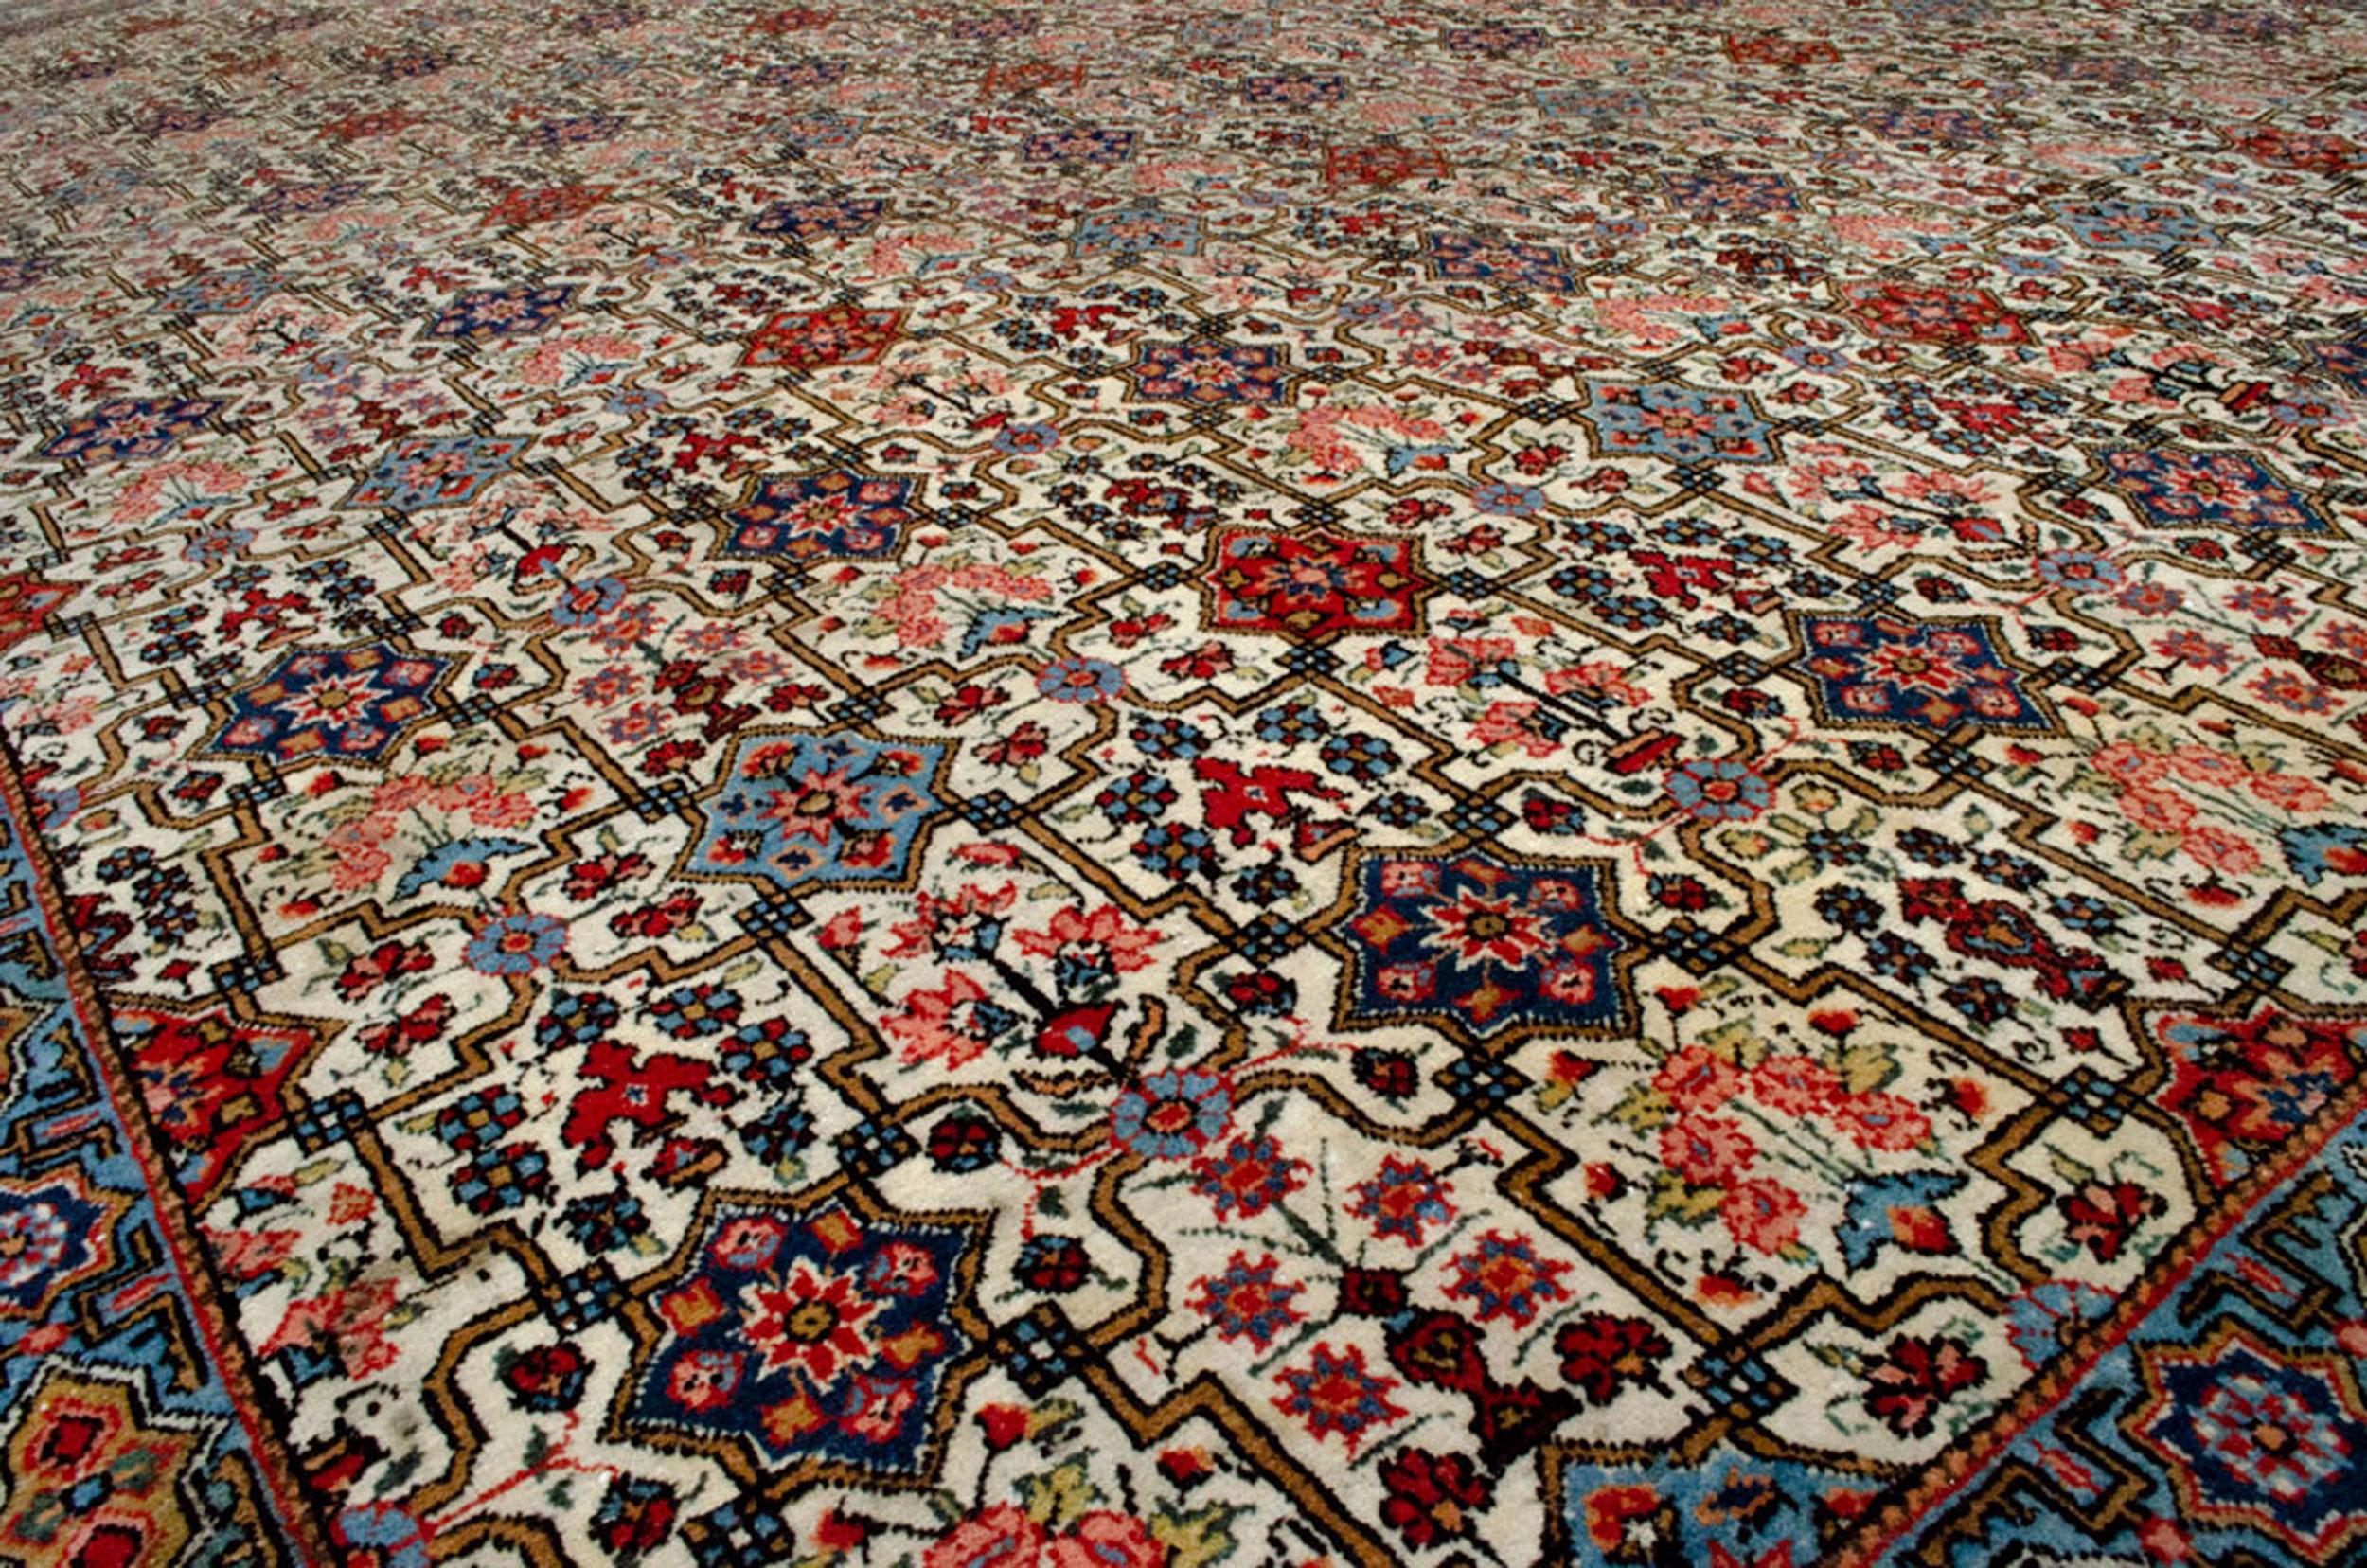 Antique Qum Carpet 300x217cm